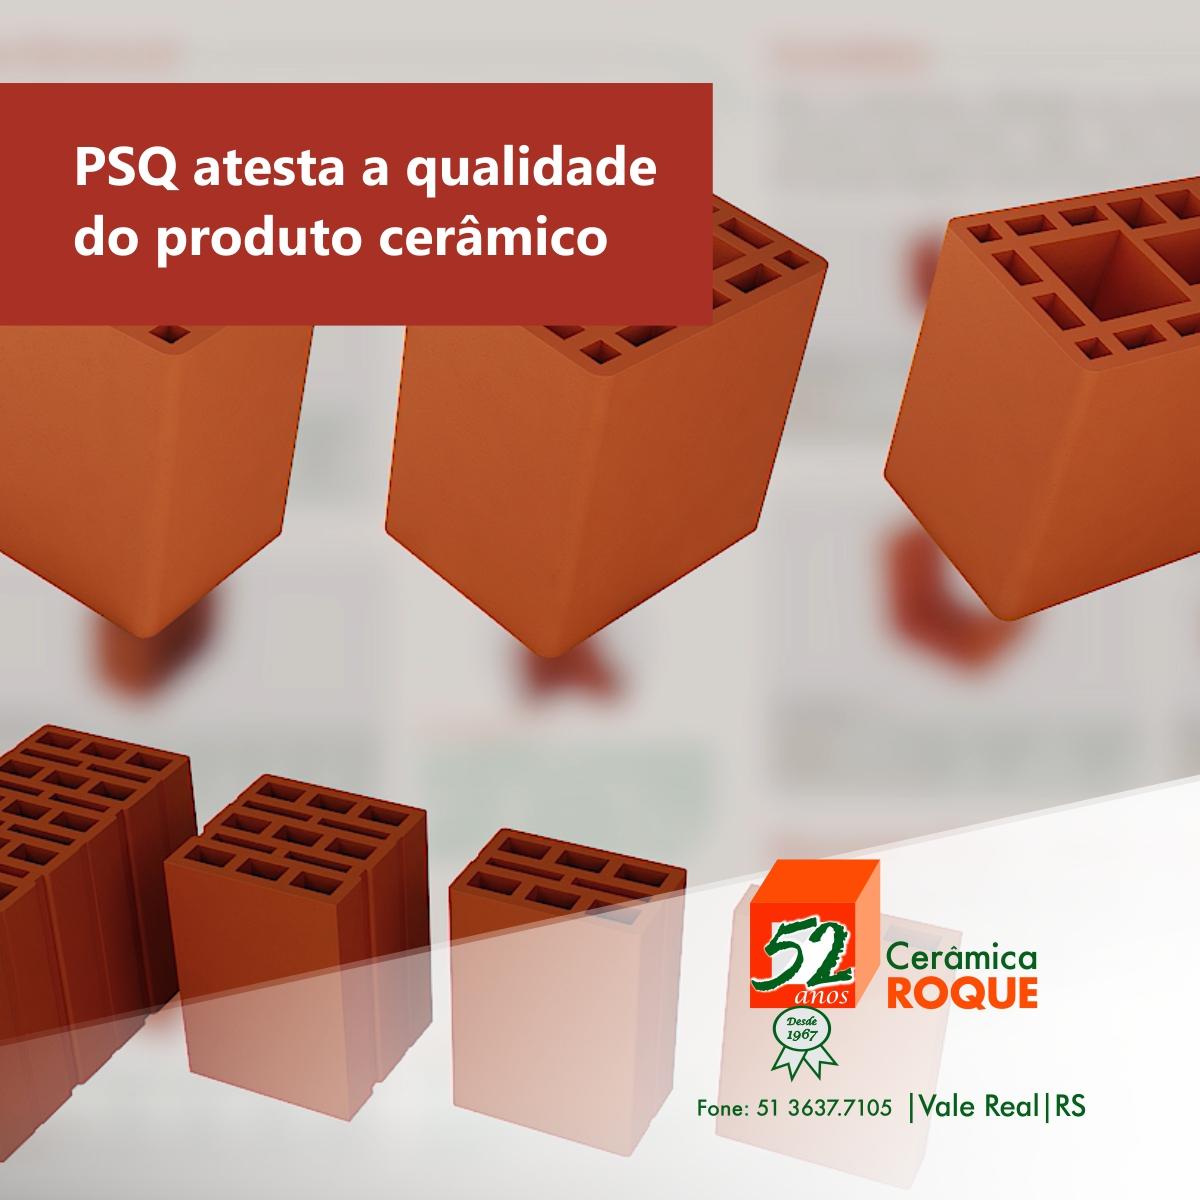 PSQ atesta a qualidade do produto cerâmico